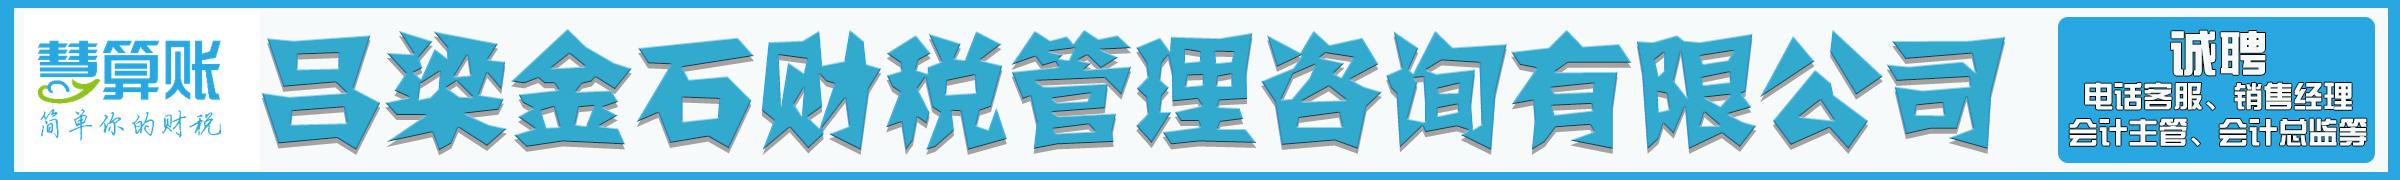 吕梁金石财税管理咨询有限公司